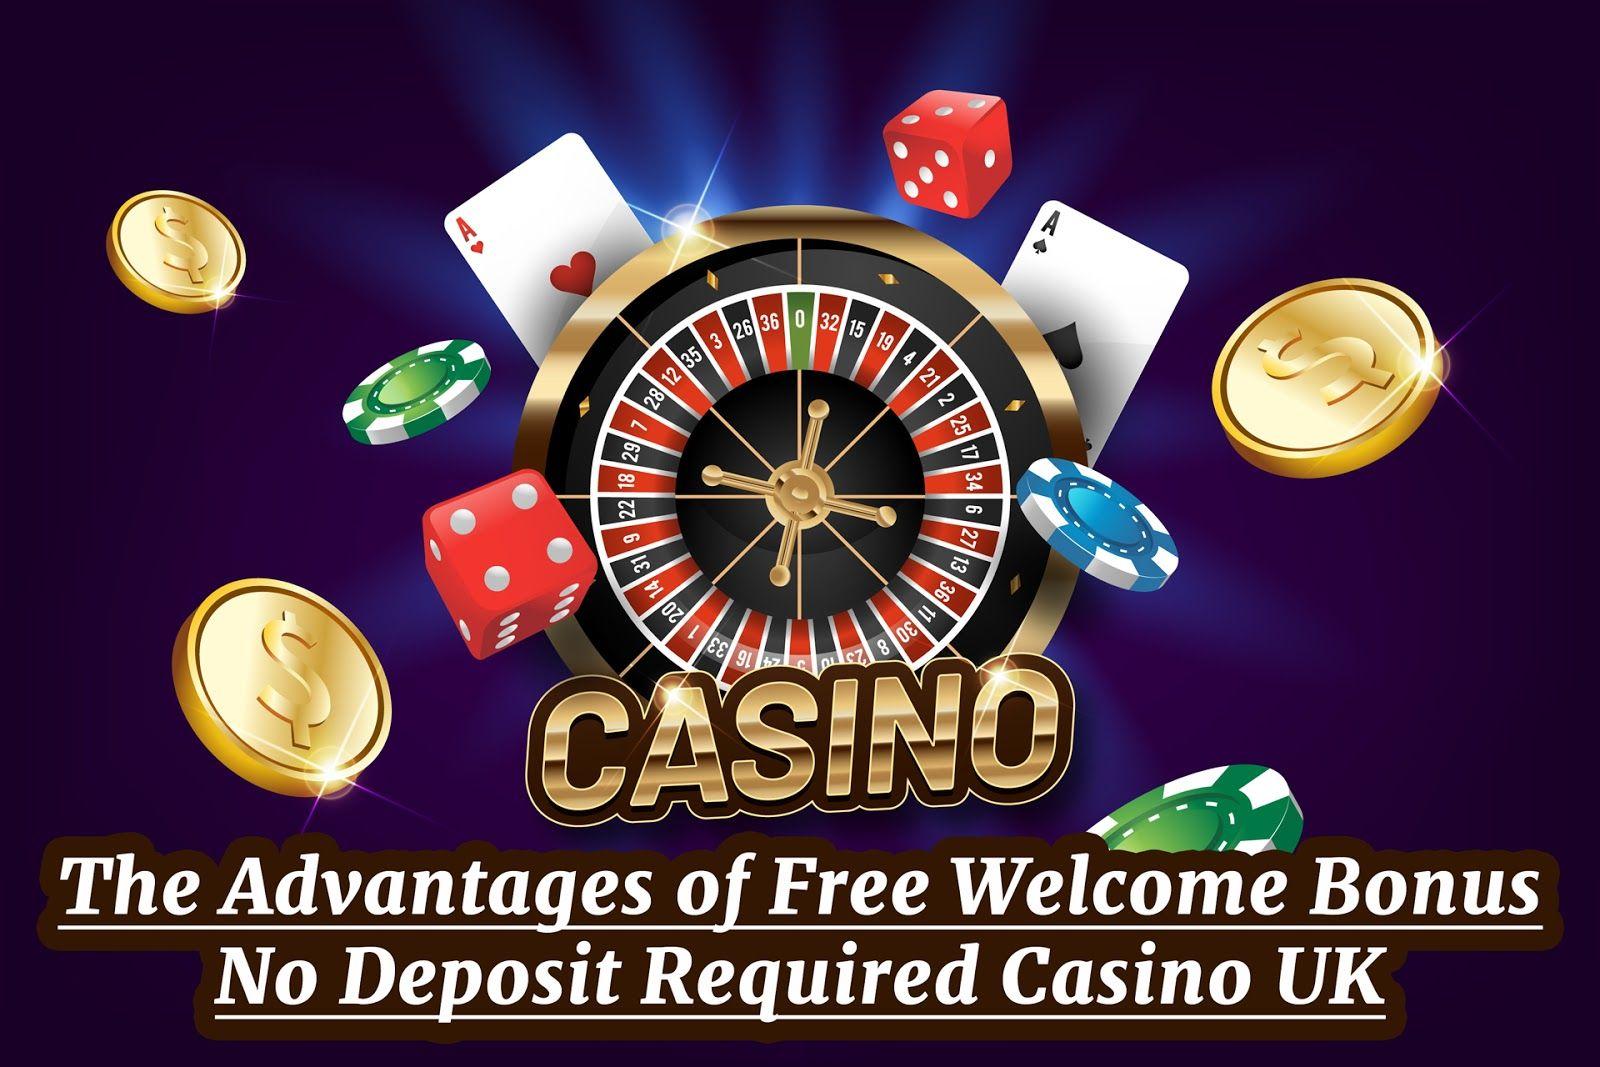 Casino Free Bonus No Deposit Required